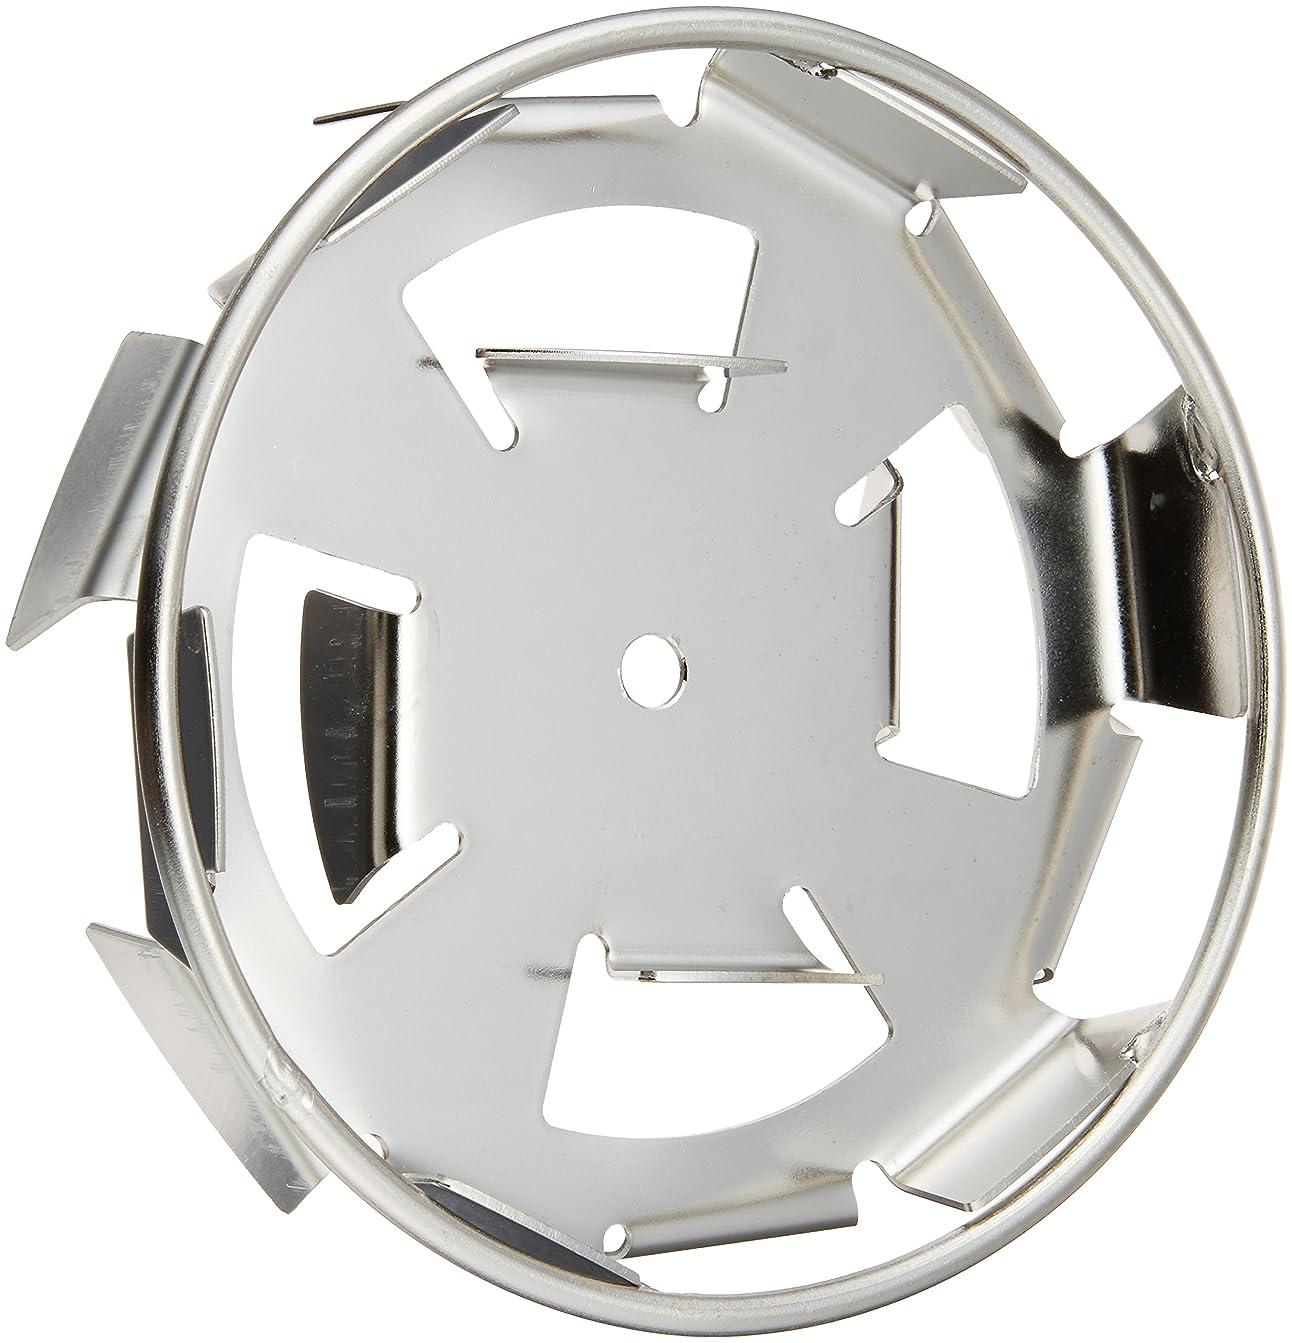 サロン邪魔ツインリョービ(RYOBI) ステンレス製 リング付ダブルスクリュー パワーミキサ用 径150mm 6077985